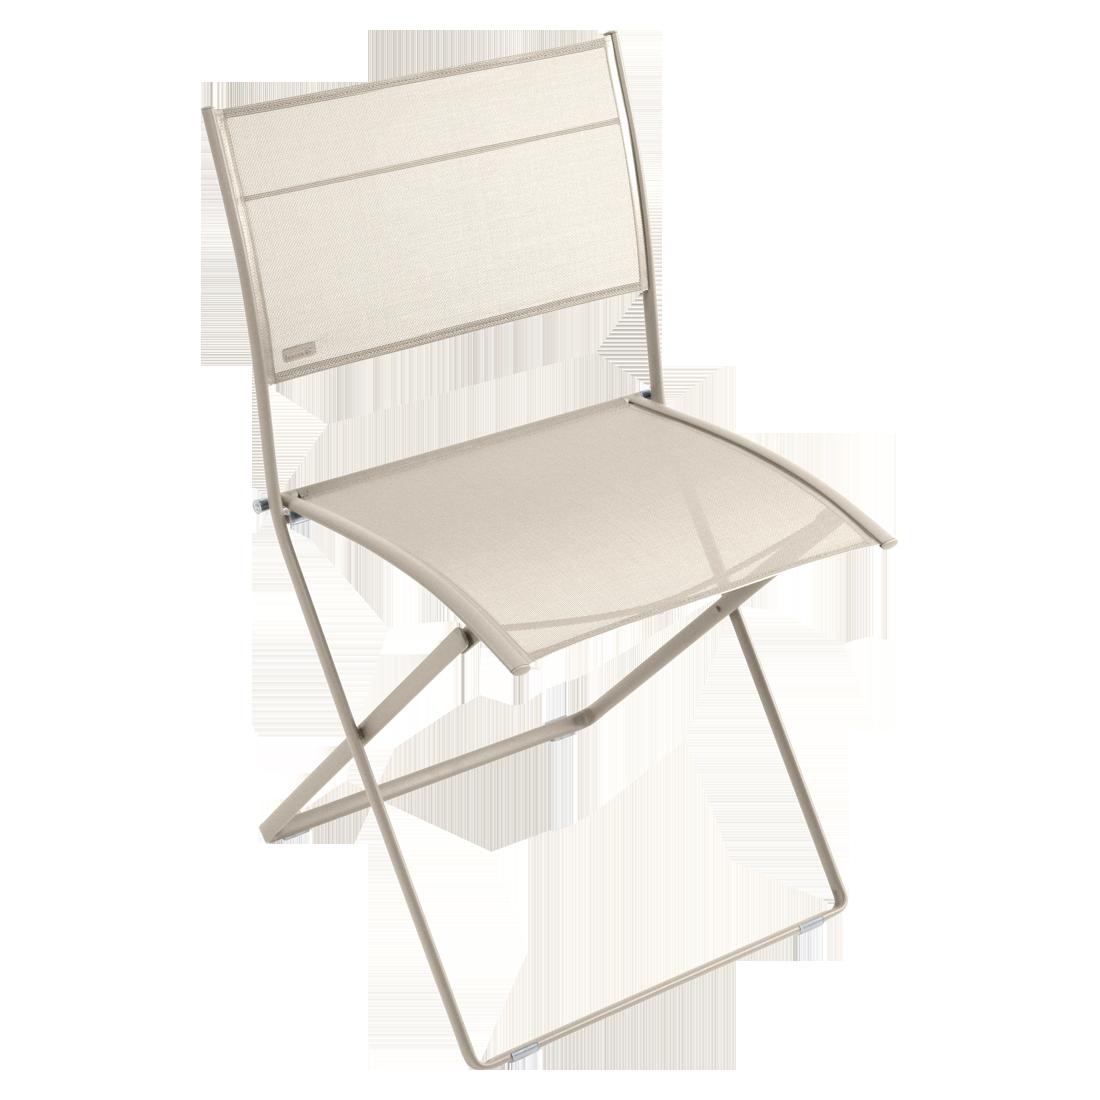 Plein air chair garden fabric chair otf - Chaise pliante fermob ...